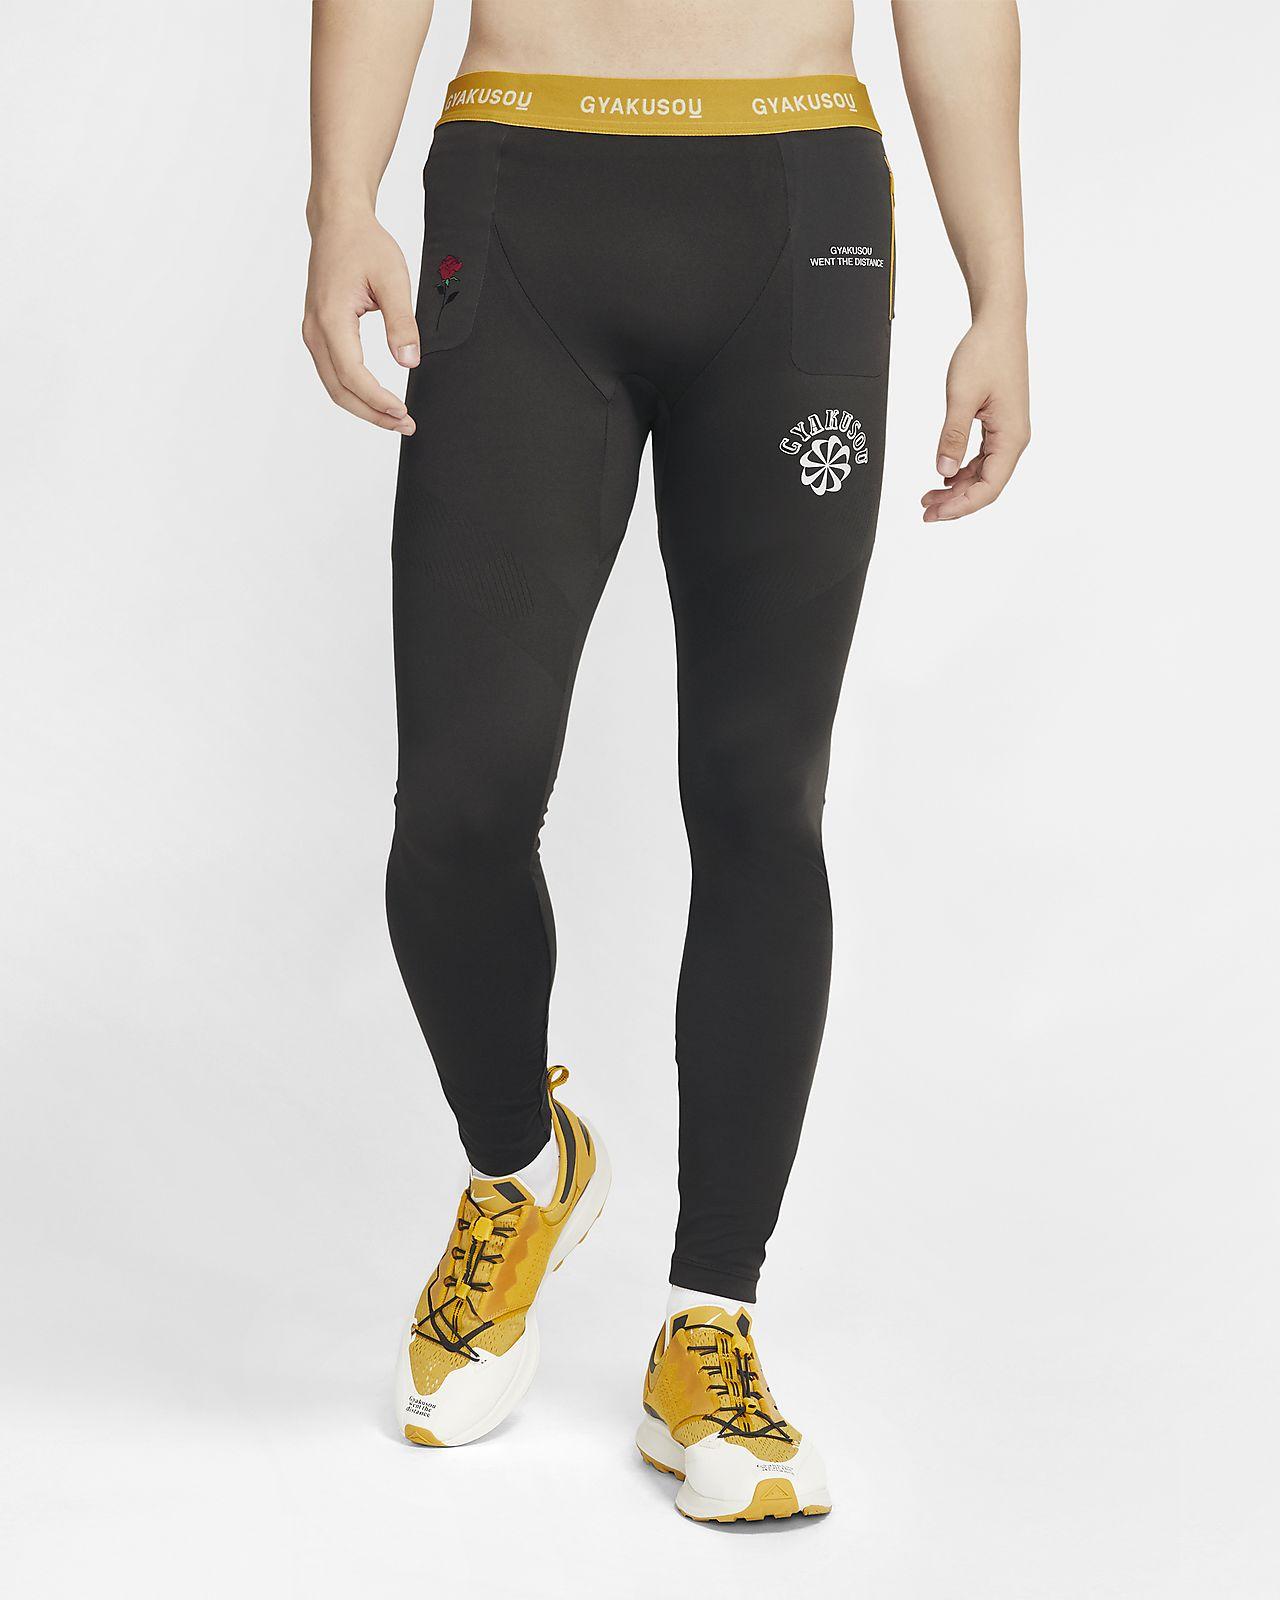 Nike x Gyakusou Malles d'hèlice